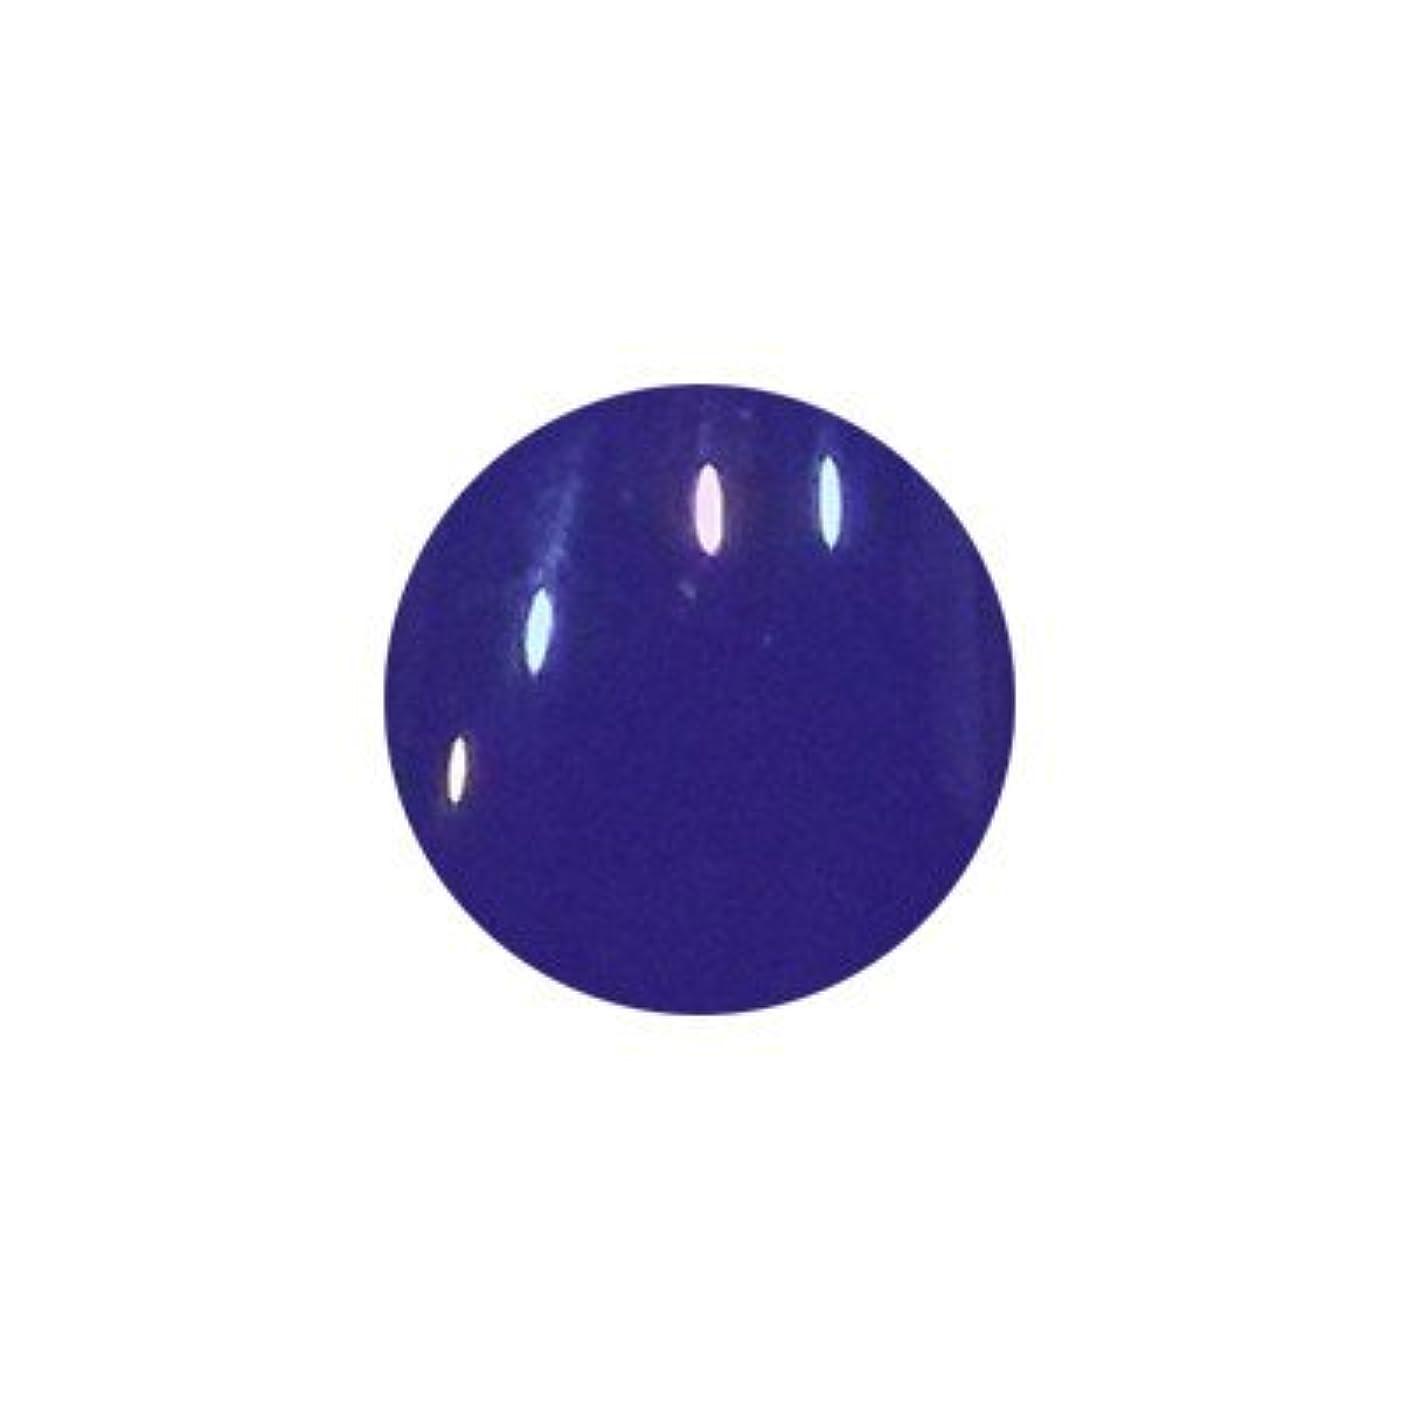 記念碑的な排泄する重要なアイスジェル カラージェル LB-382 3g